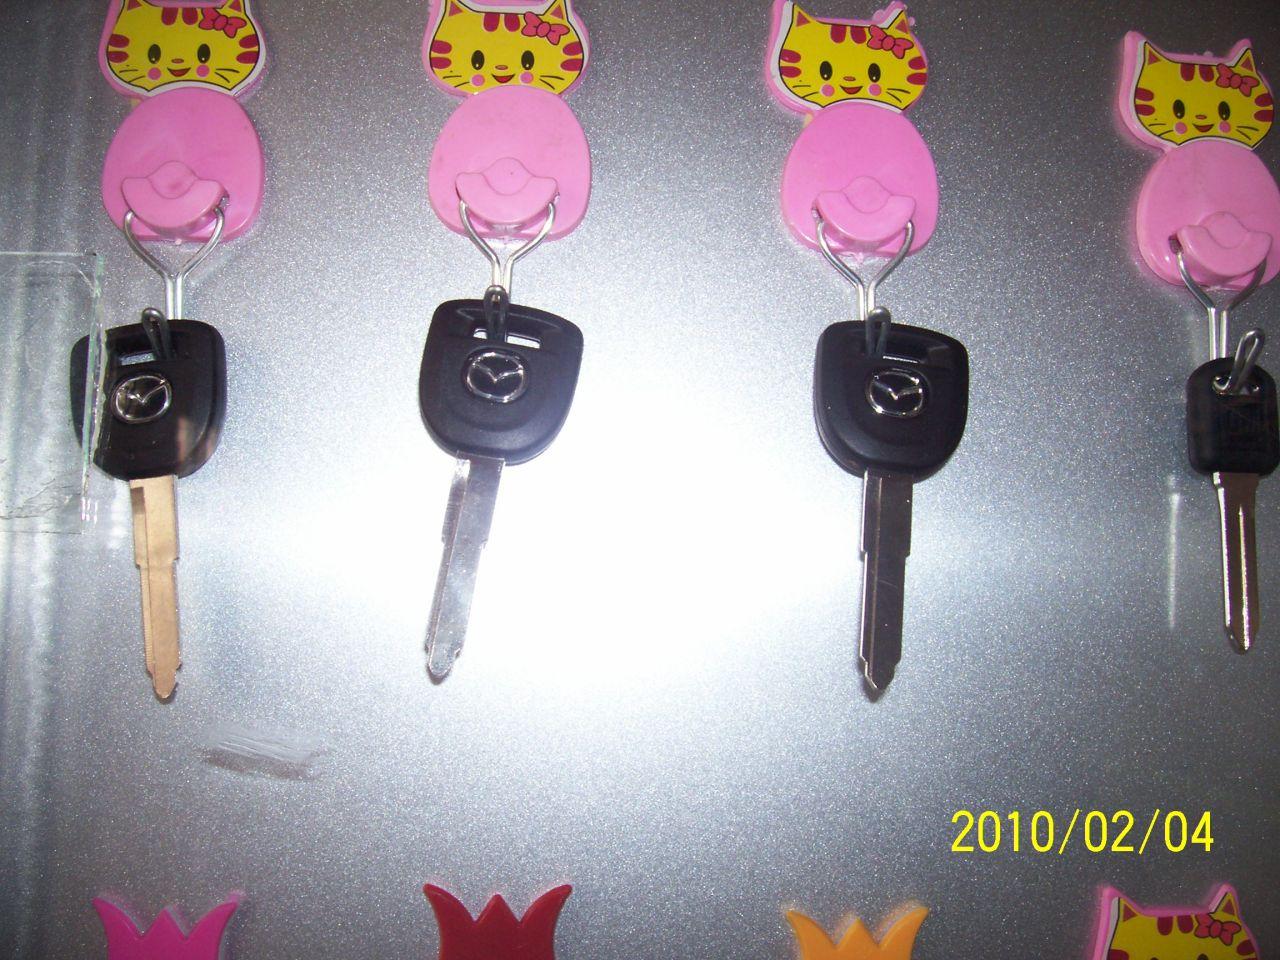 汽车芯片钥匙,遥控器.改装折叠钥匙,里程表调校.拥有专业设高清图片